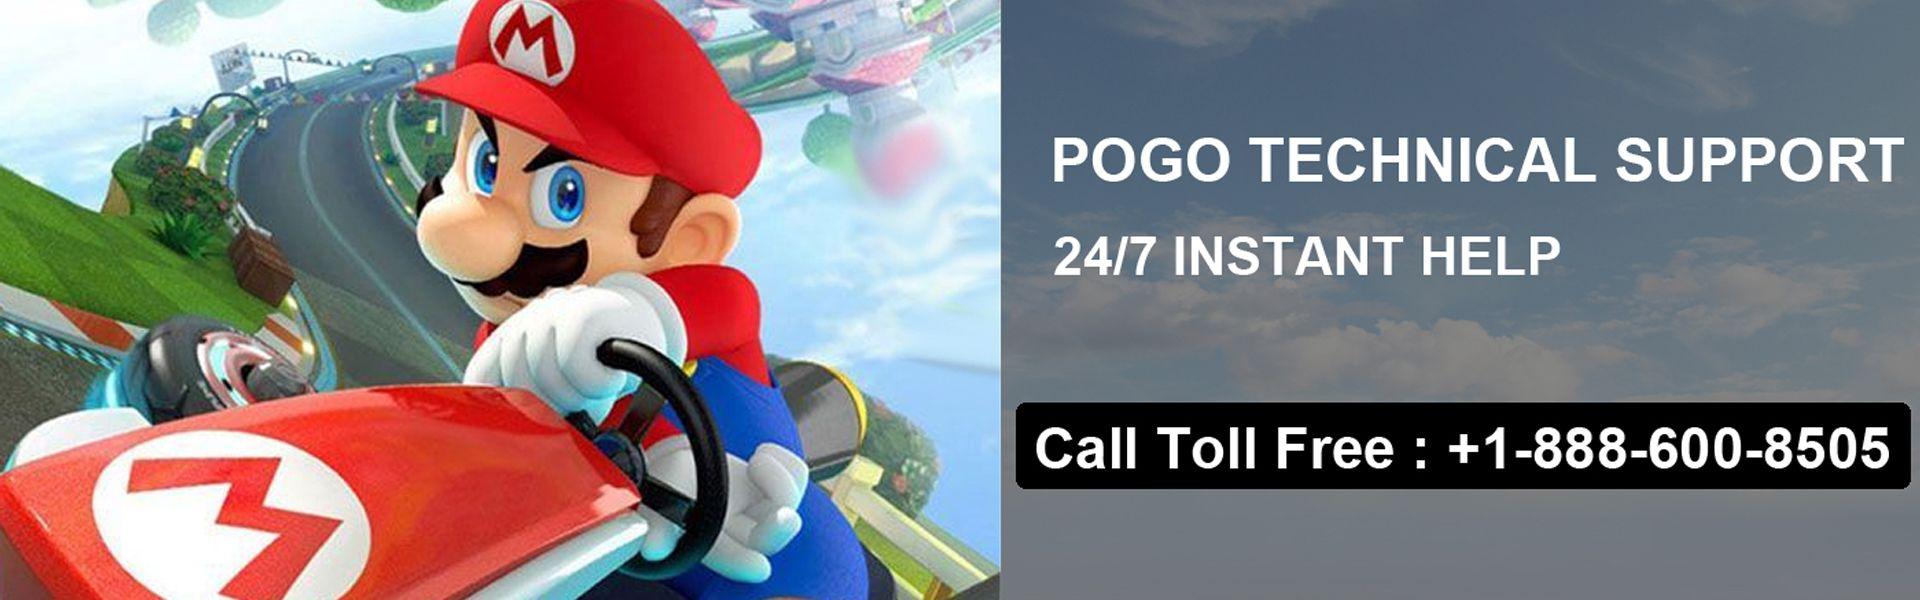 Pogo Game Support Number | Pogo Helpline Number in USA ...